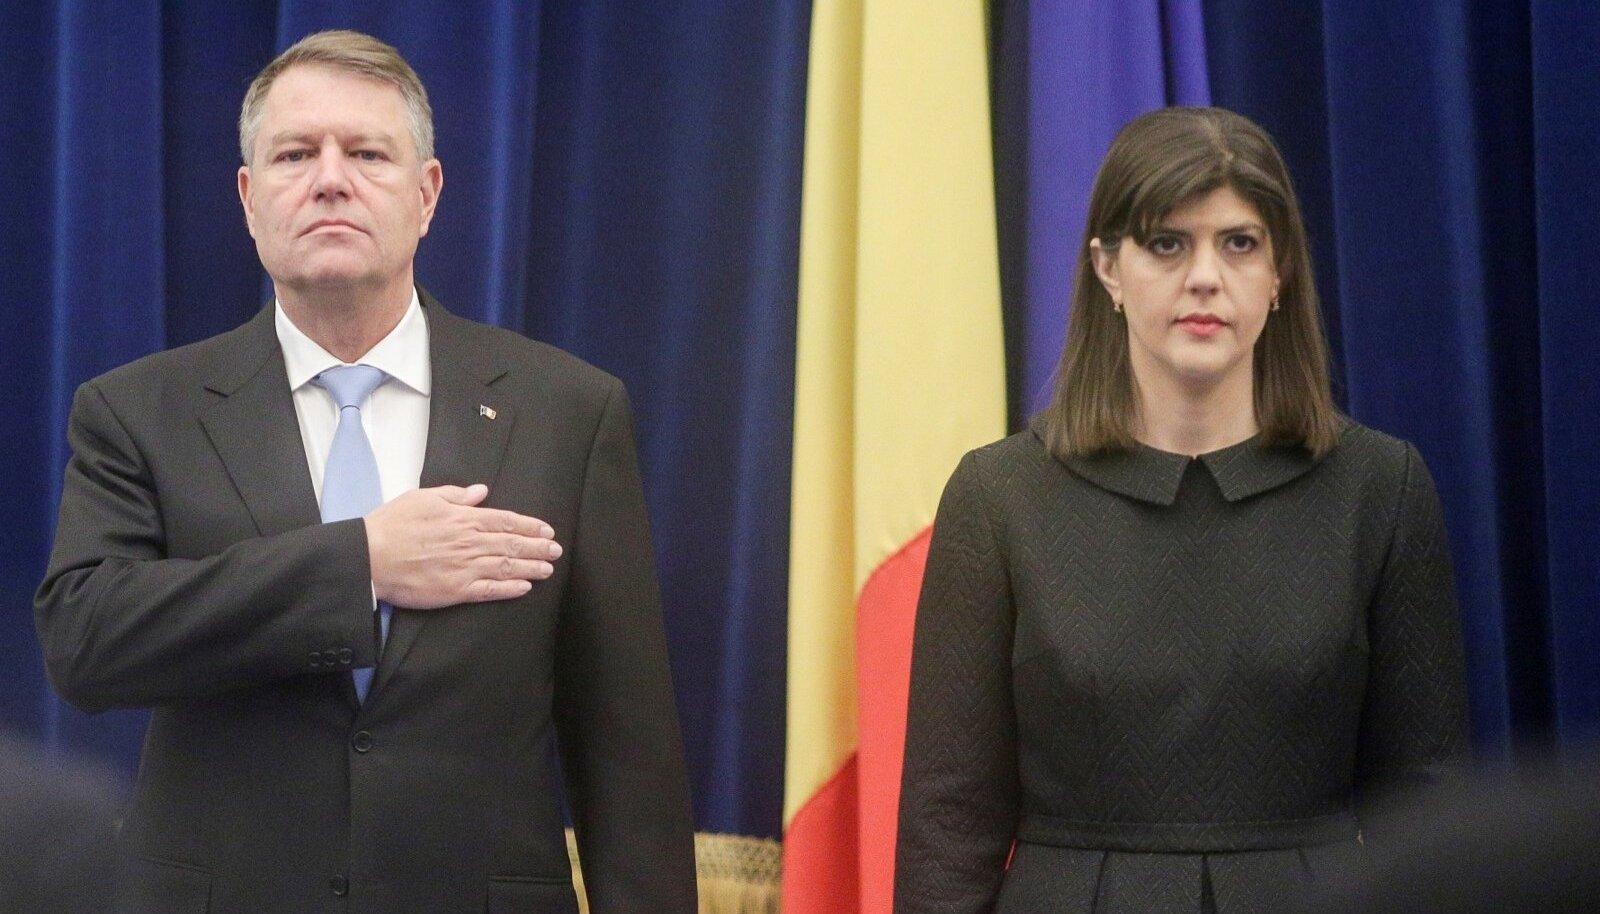 Klaus Iohannis ja Laura Codruța Kövesi